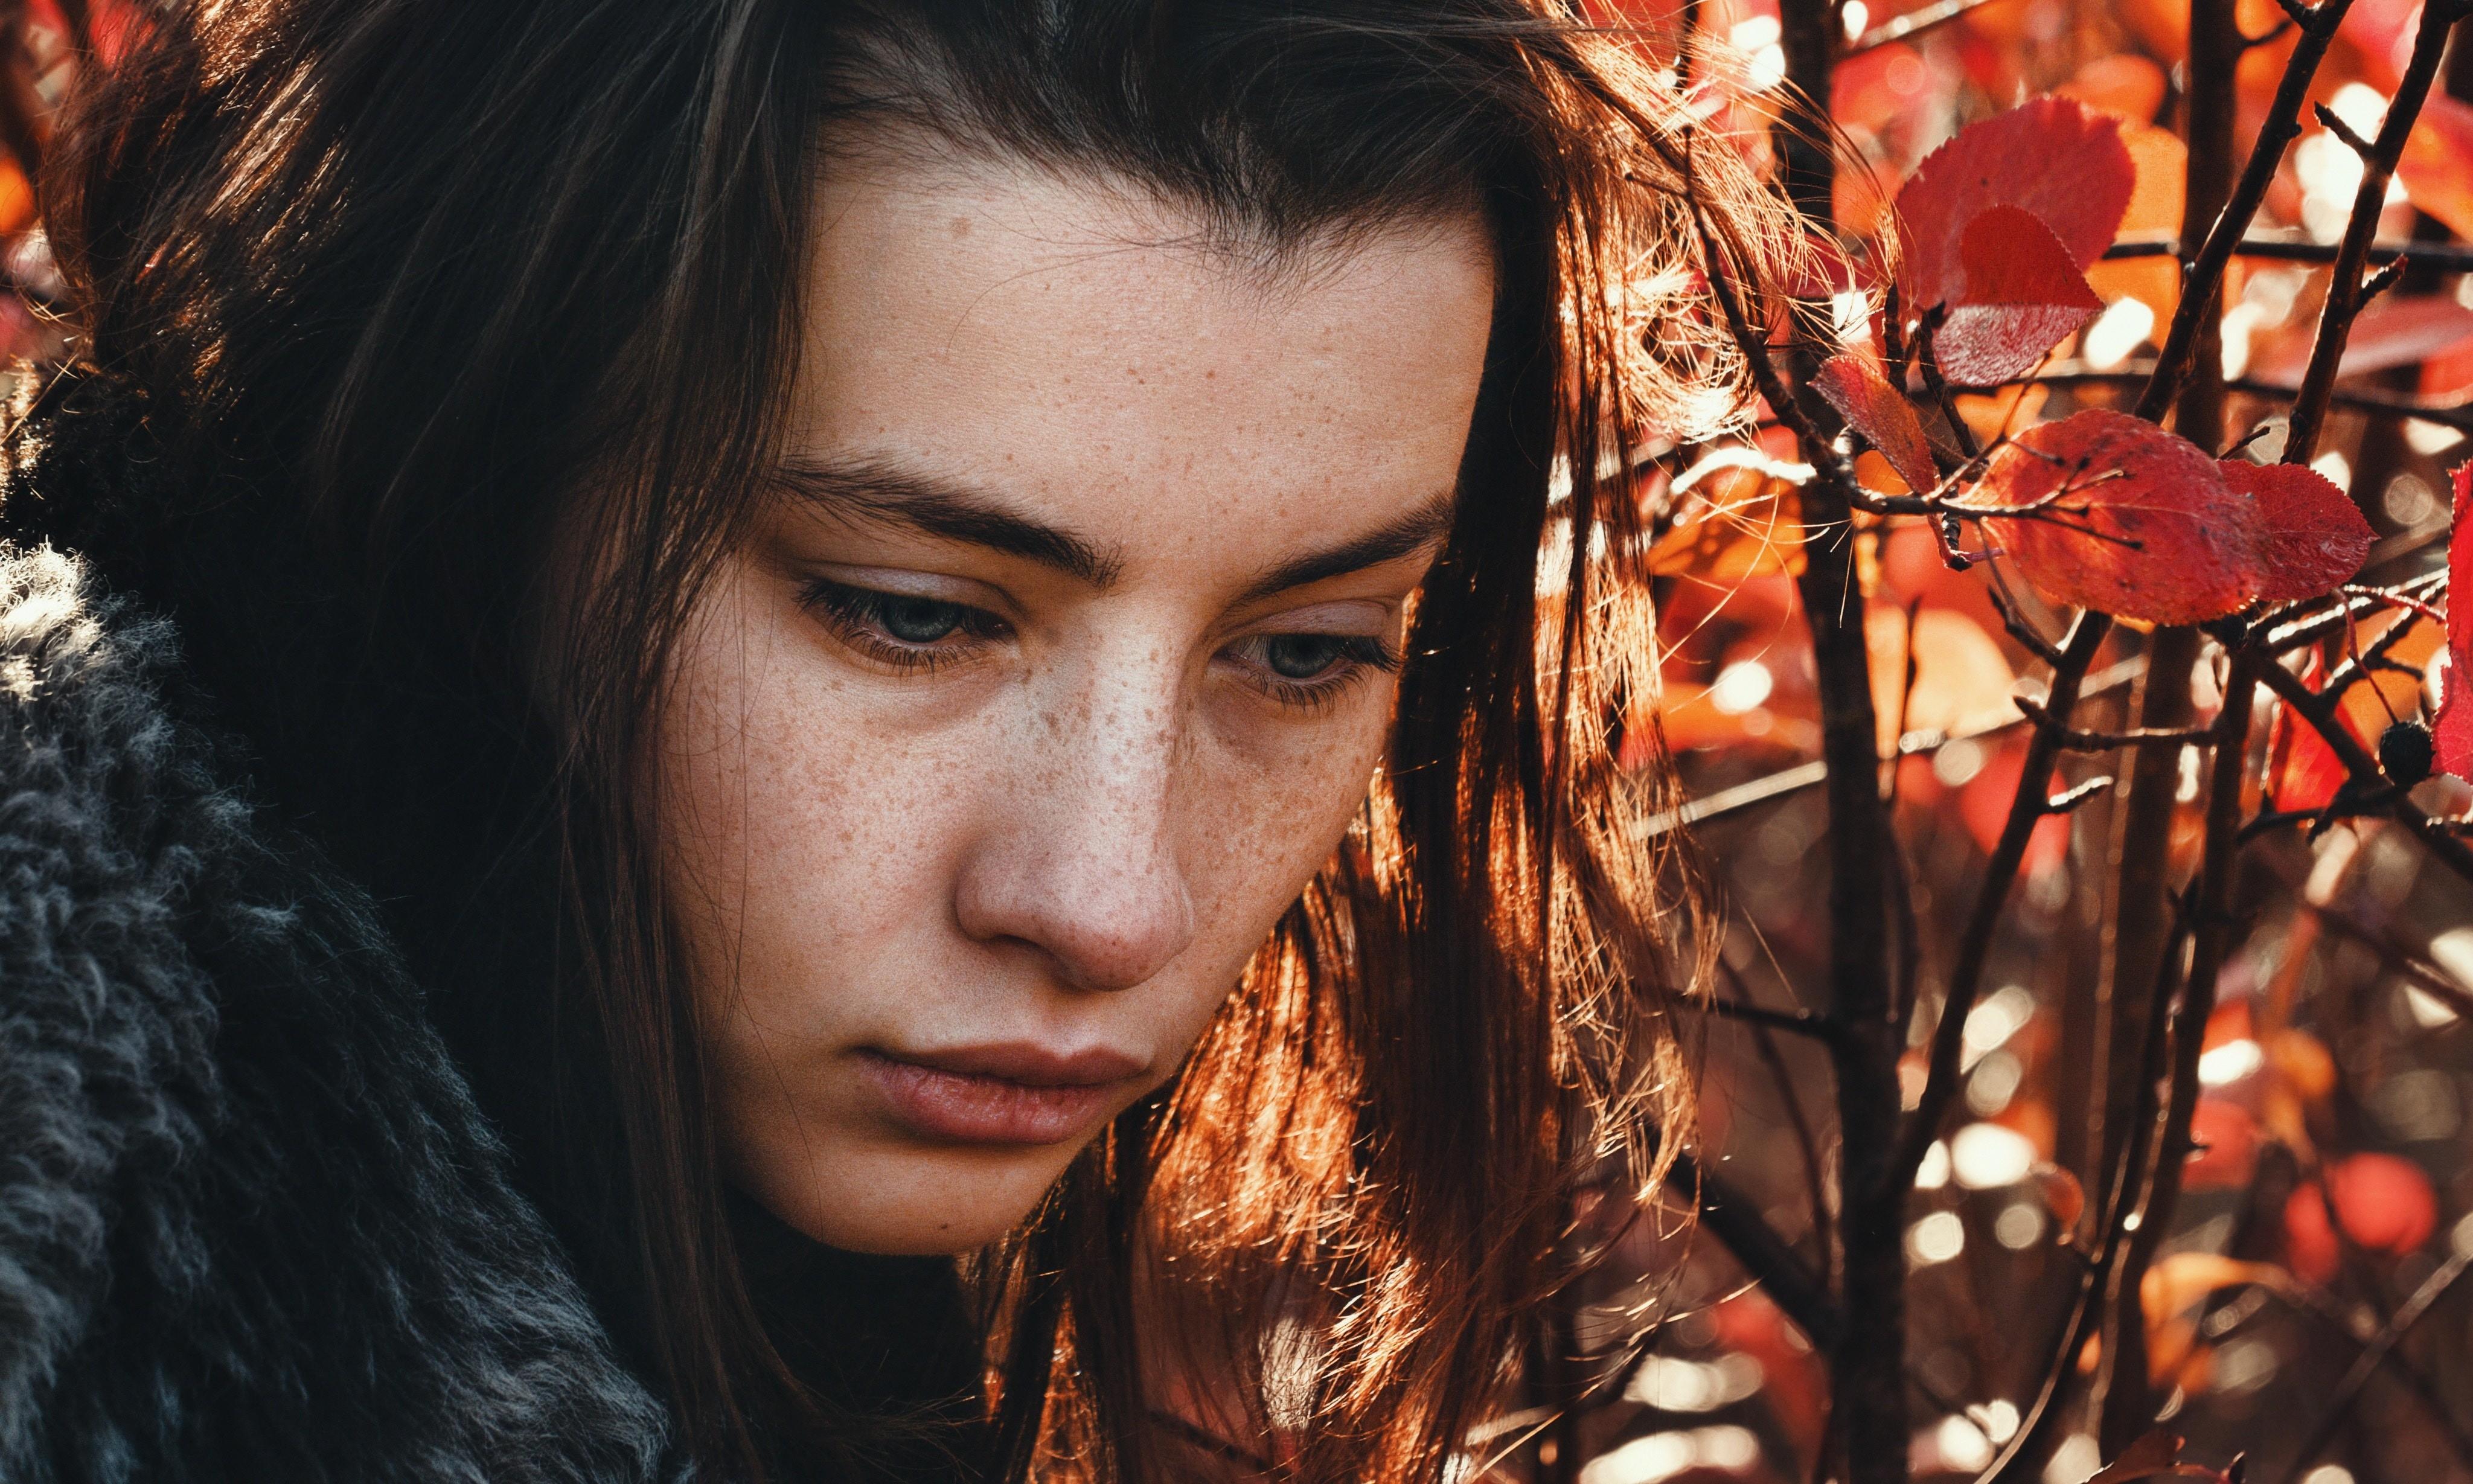 Раздражительность и эмоциональная нестабильность — как с ними справиться?